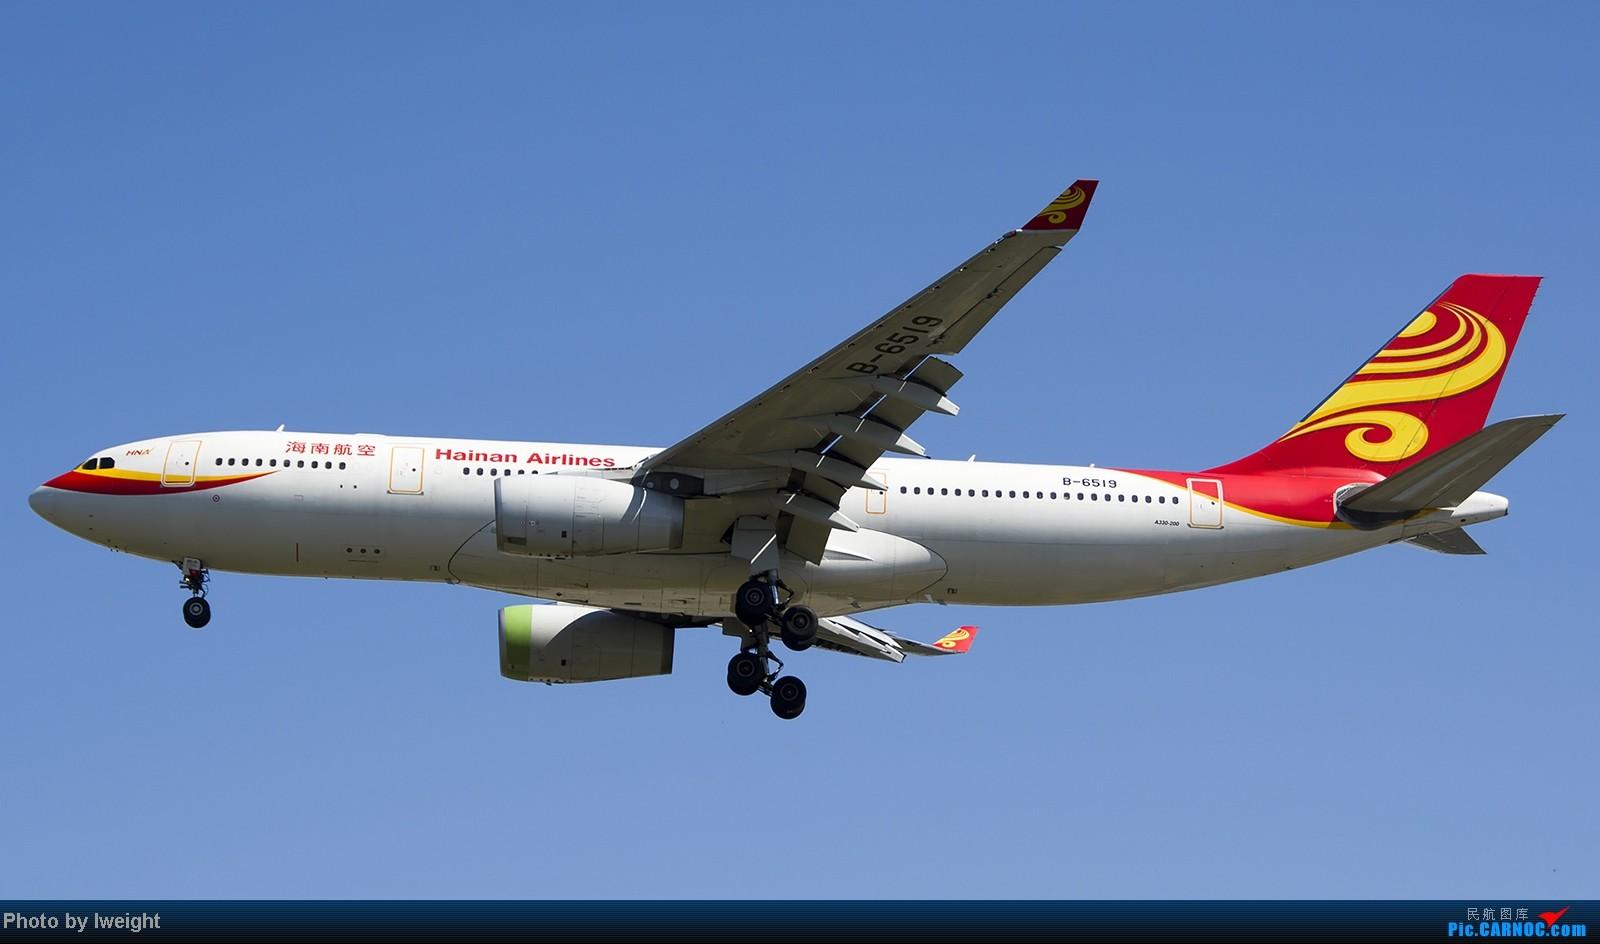 Re:[原创]难得赶上PEK周末好天气,各种常见机型都有收获 AIRBUS A330-200 B-6519 中国北京首都机场